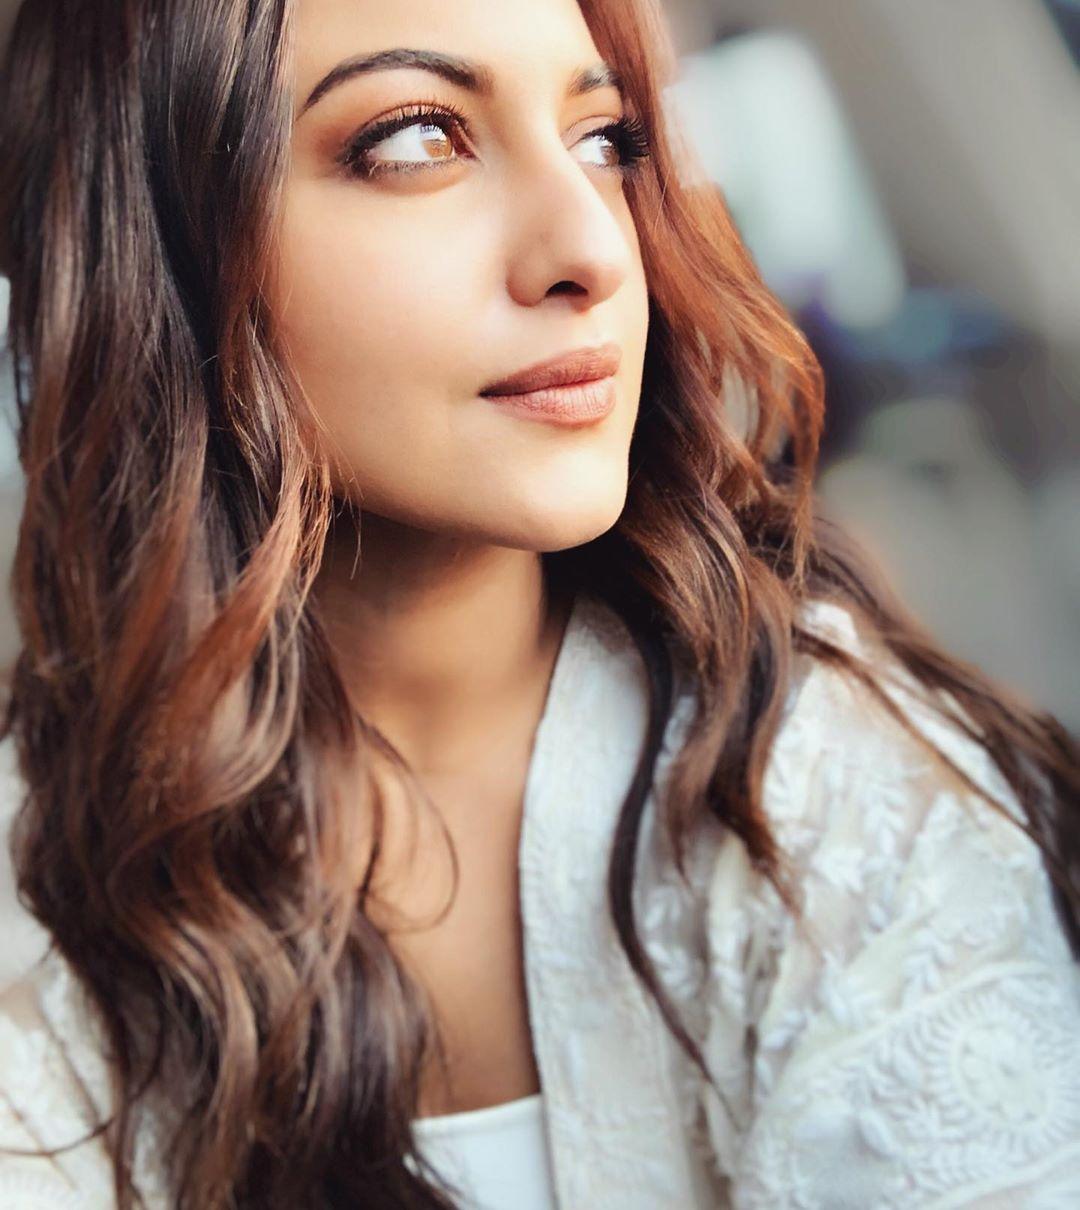 Sonakshi sinha birthday 2